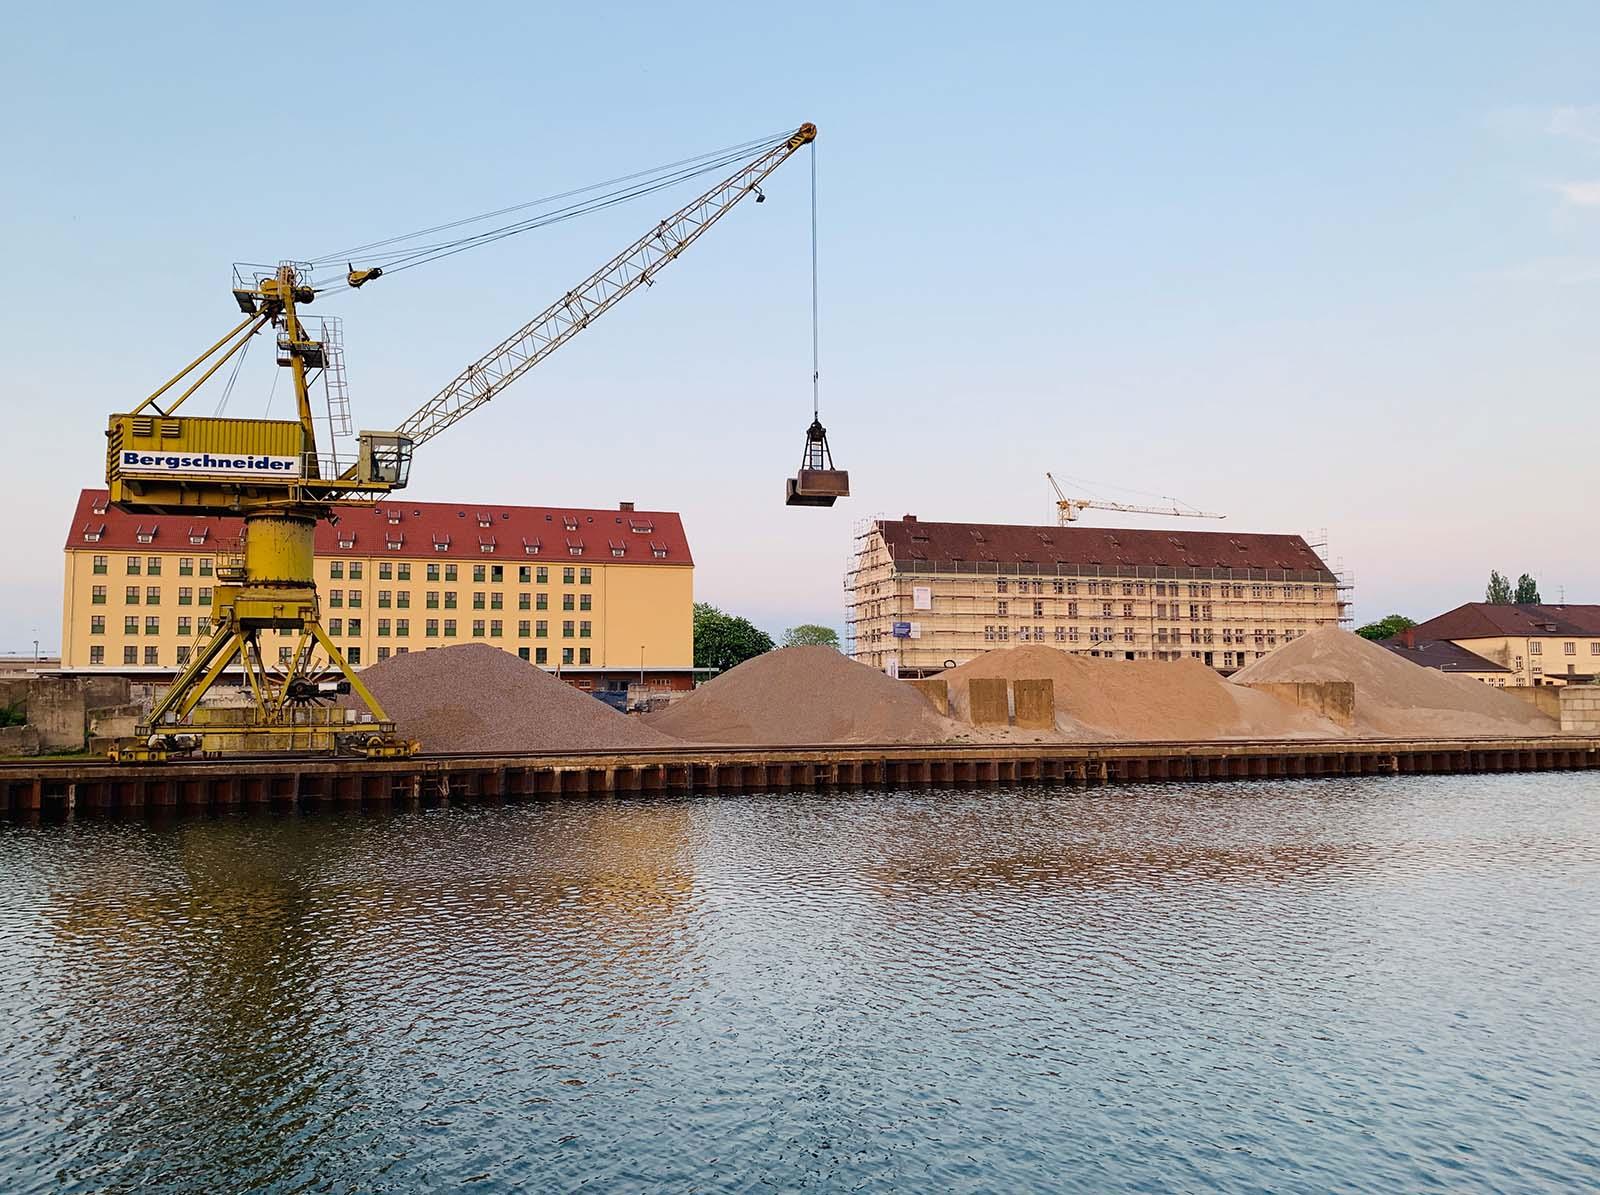 Der Leise Speicher im Osnabrücker Hafen /// LEISER SPEICHER